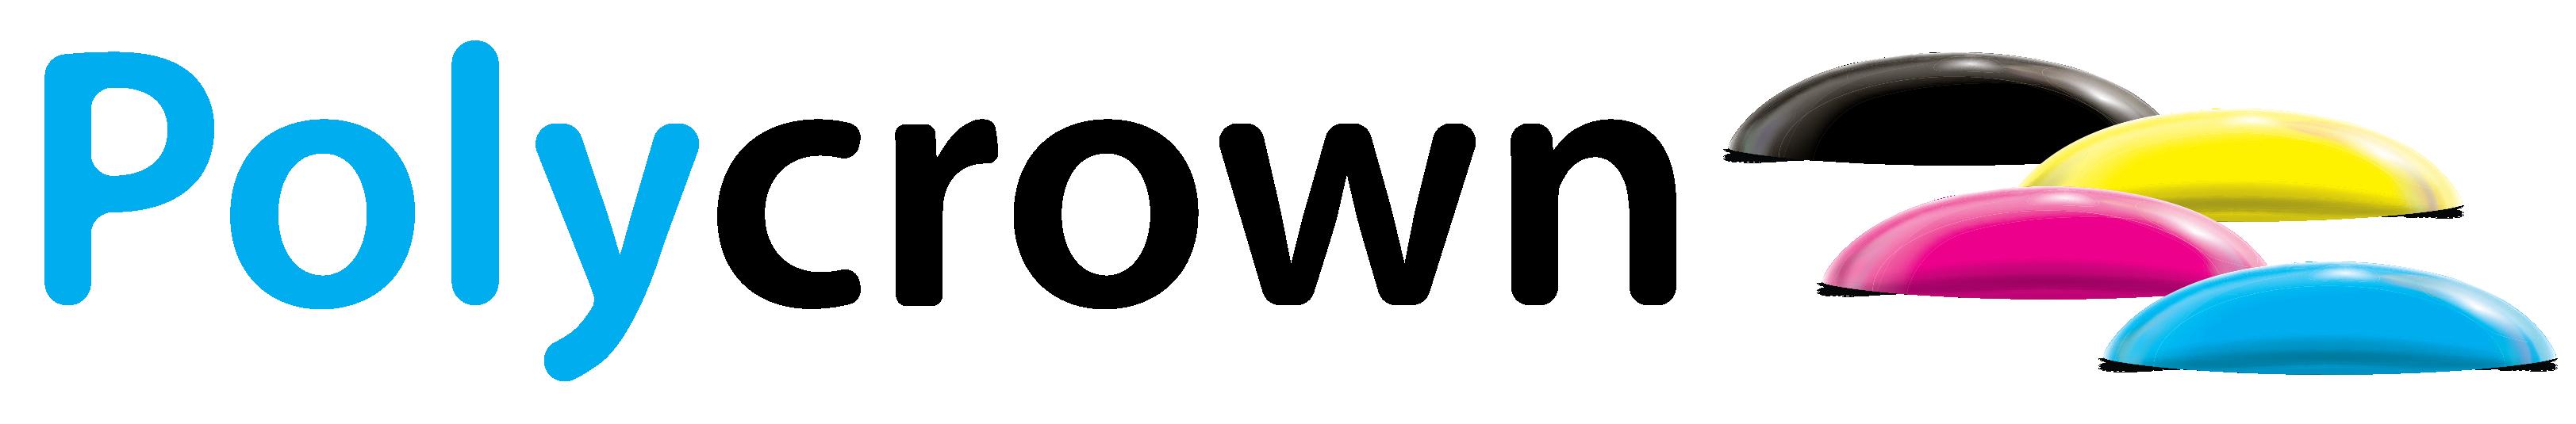 Polycrown